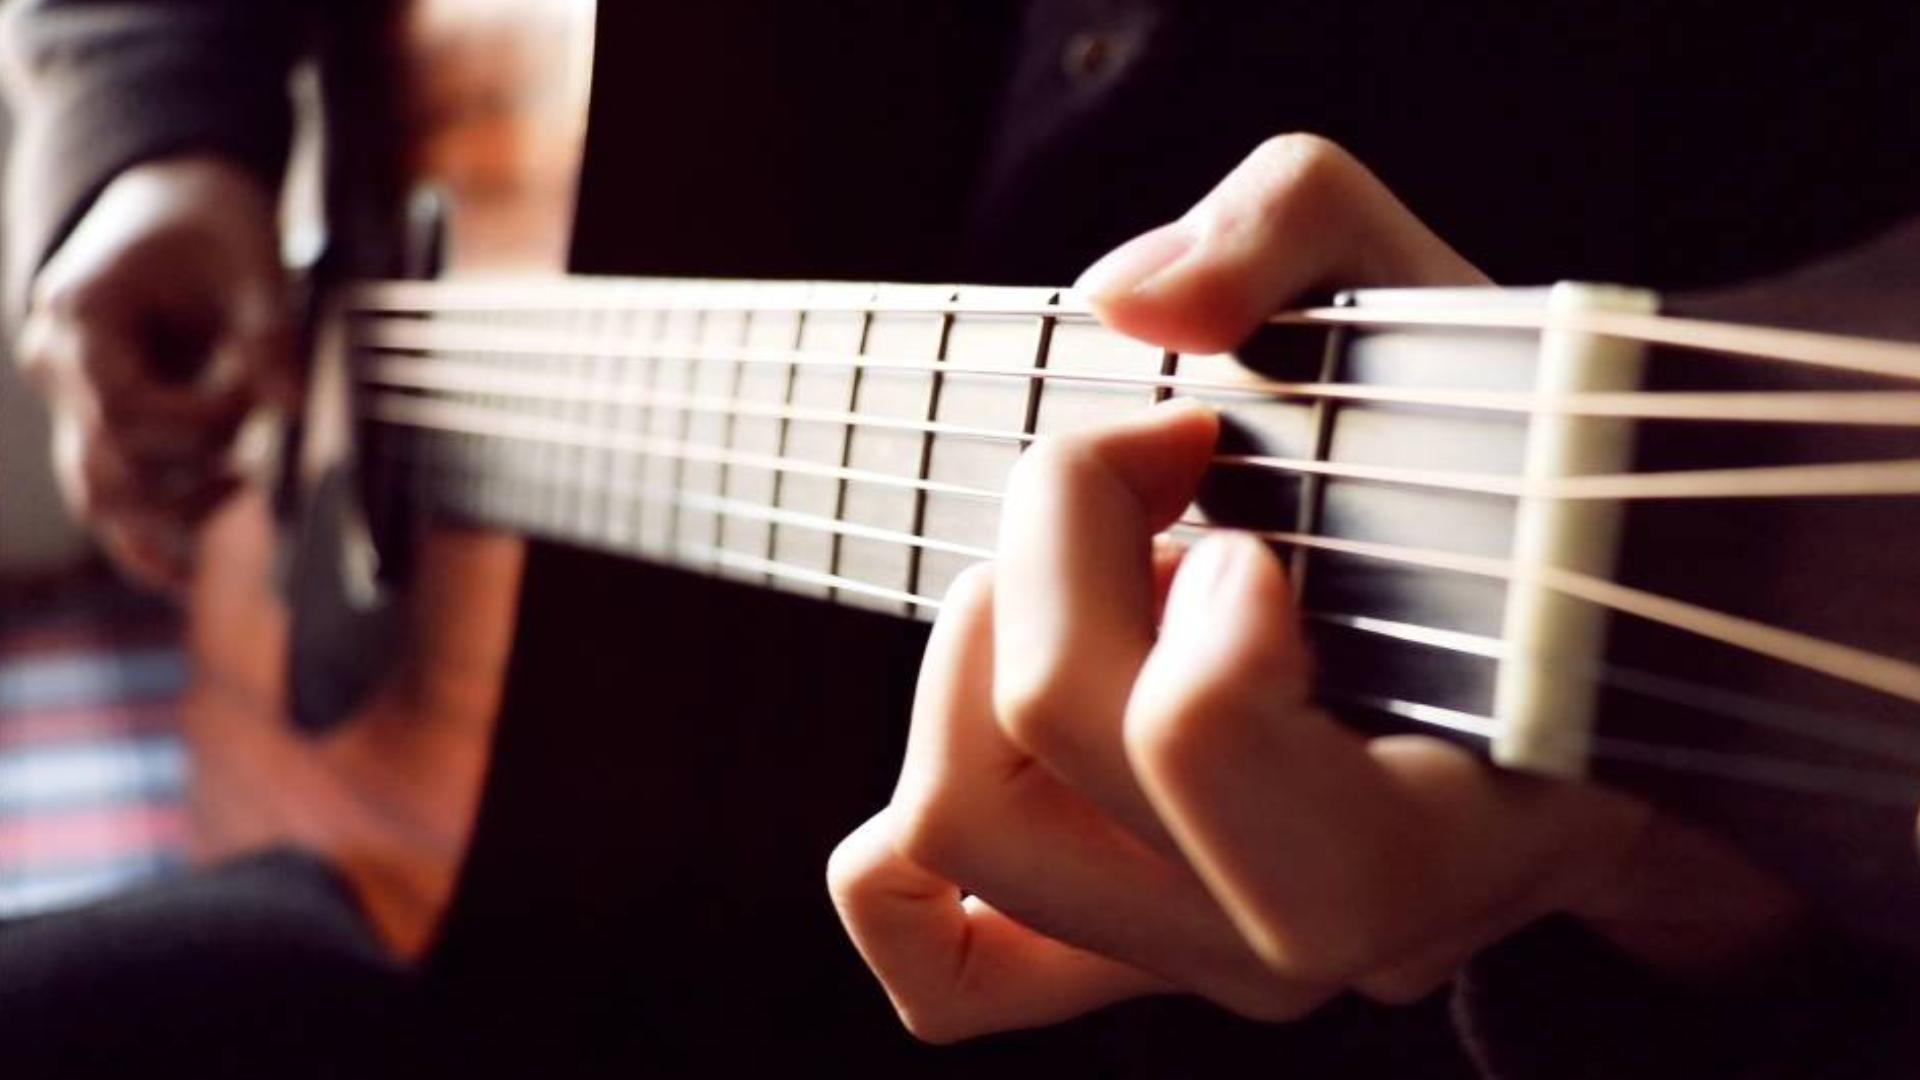 【指弹吉他】信,写给15岁的自己——城植树改编